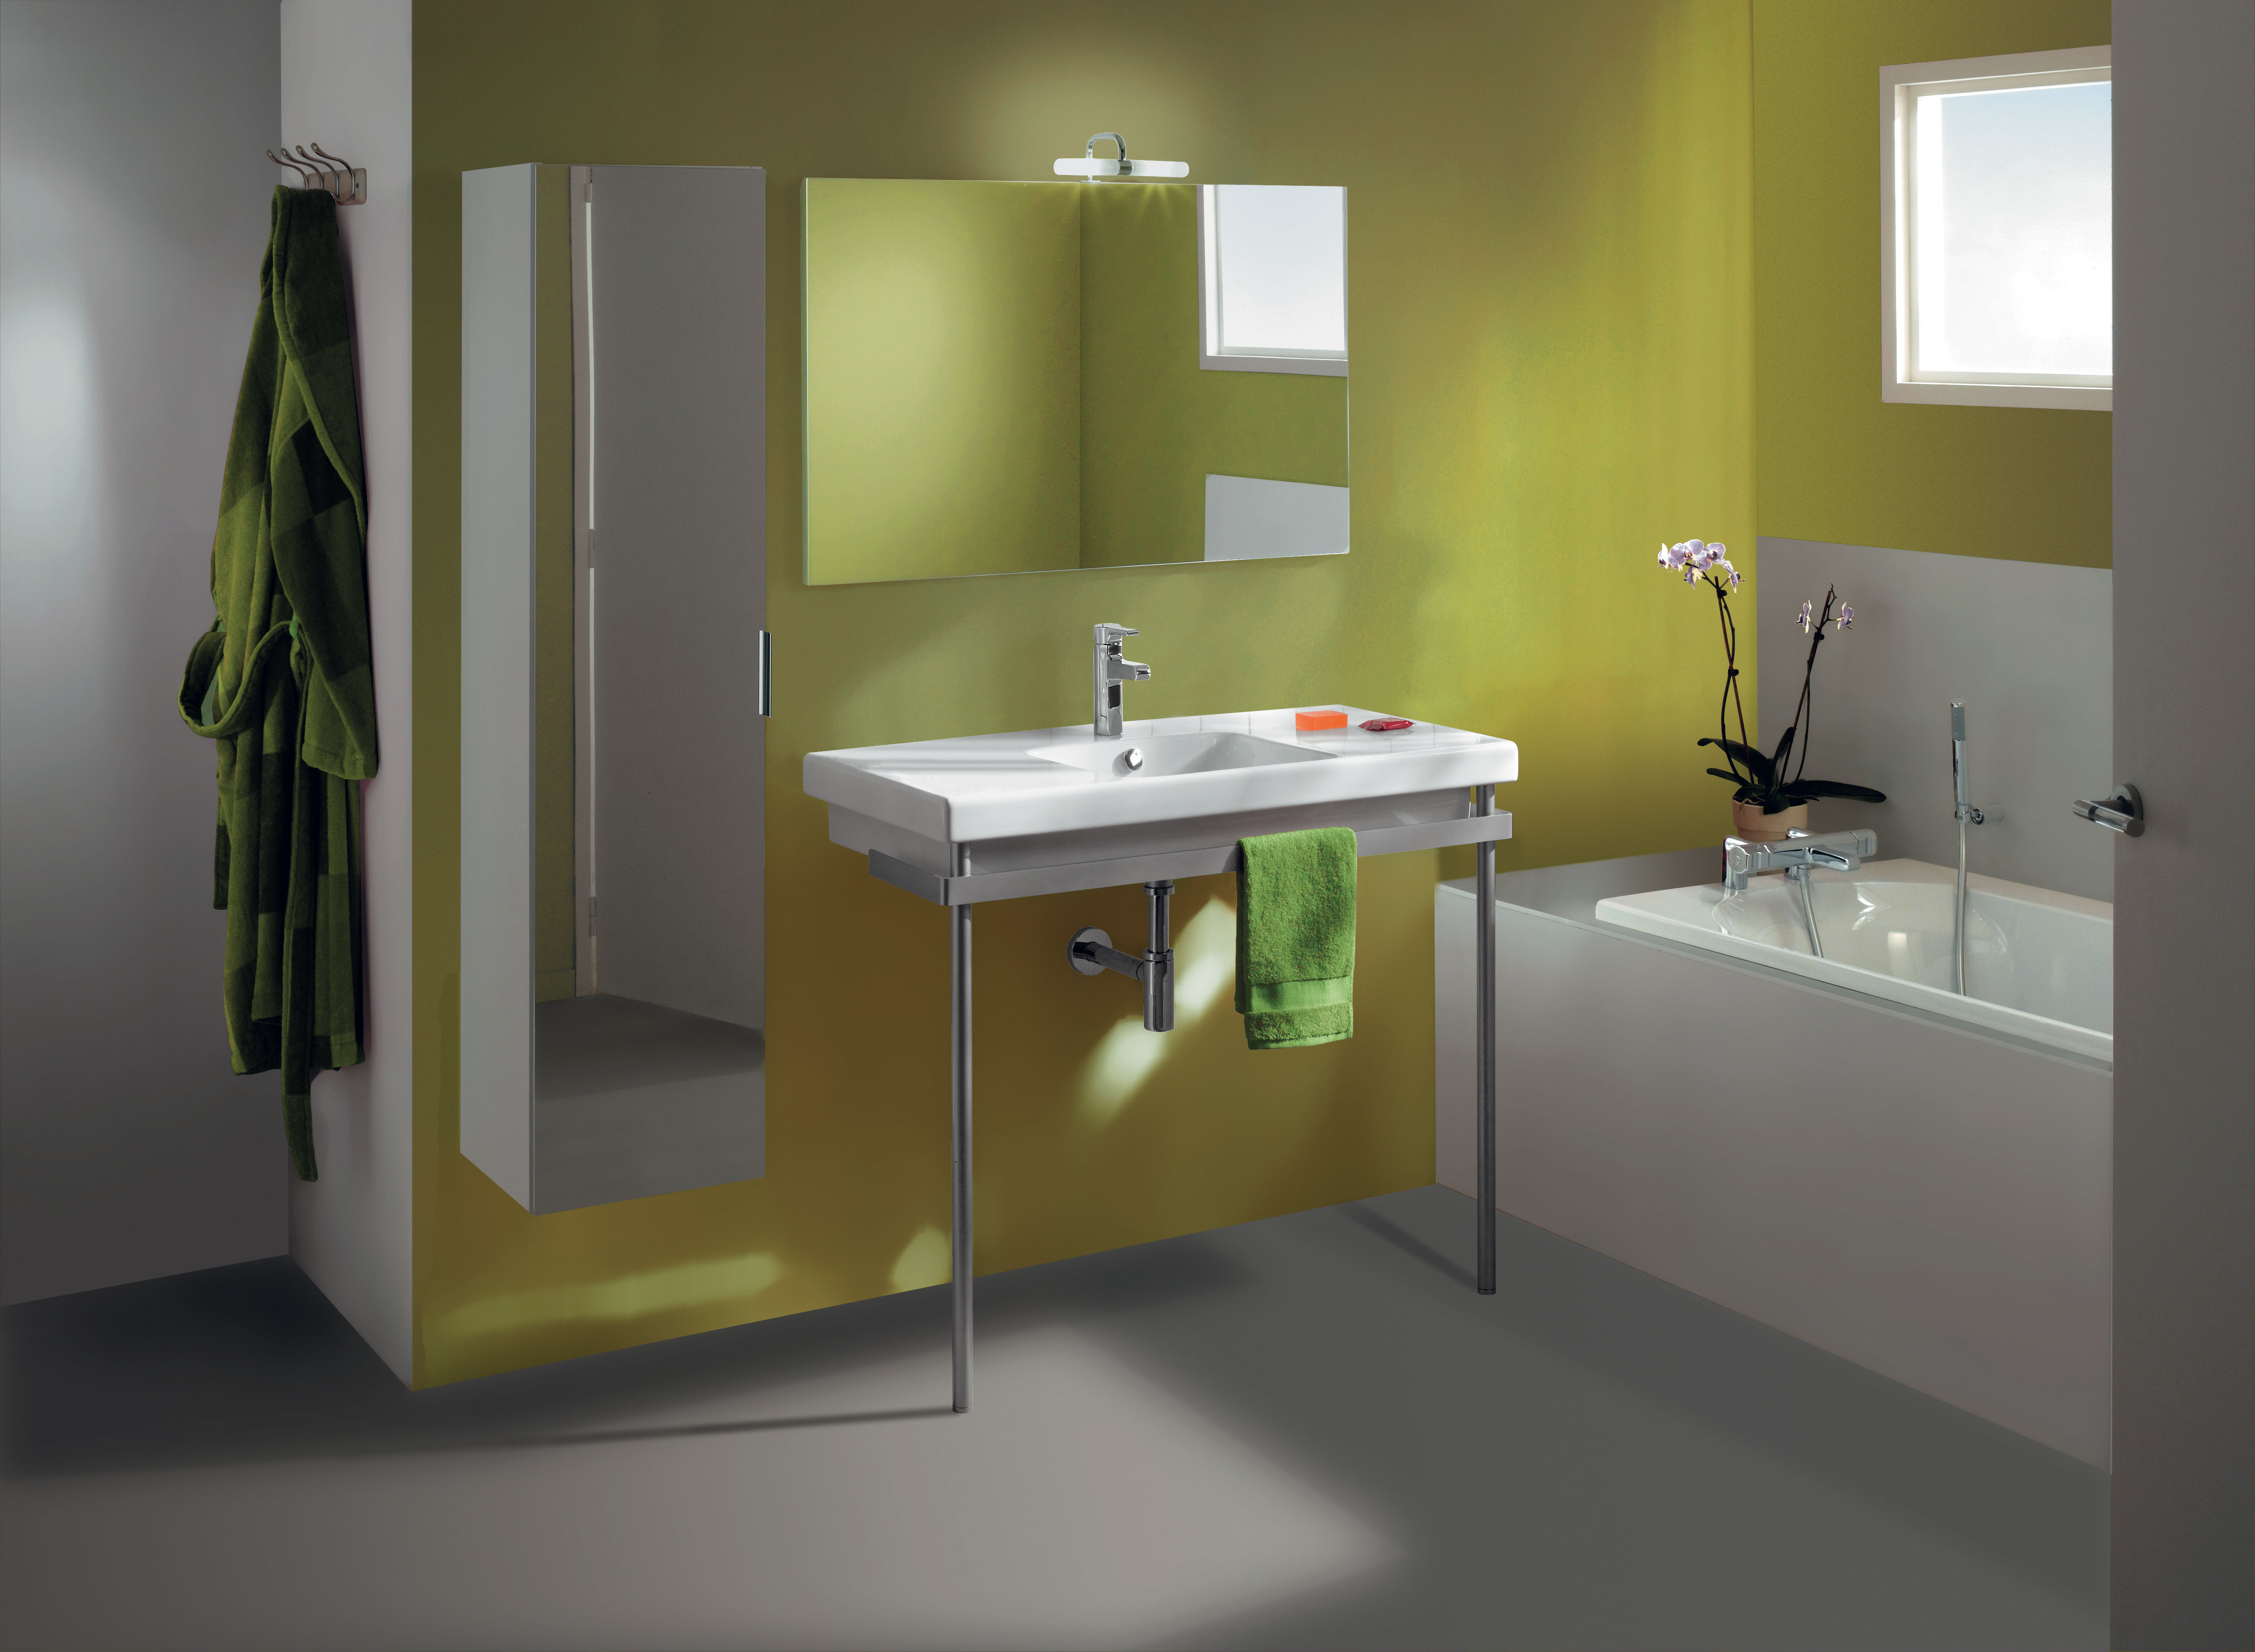 Moderne ideen f r die renovierung des bads for Ideen zur badrenovierung